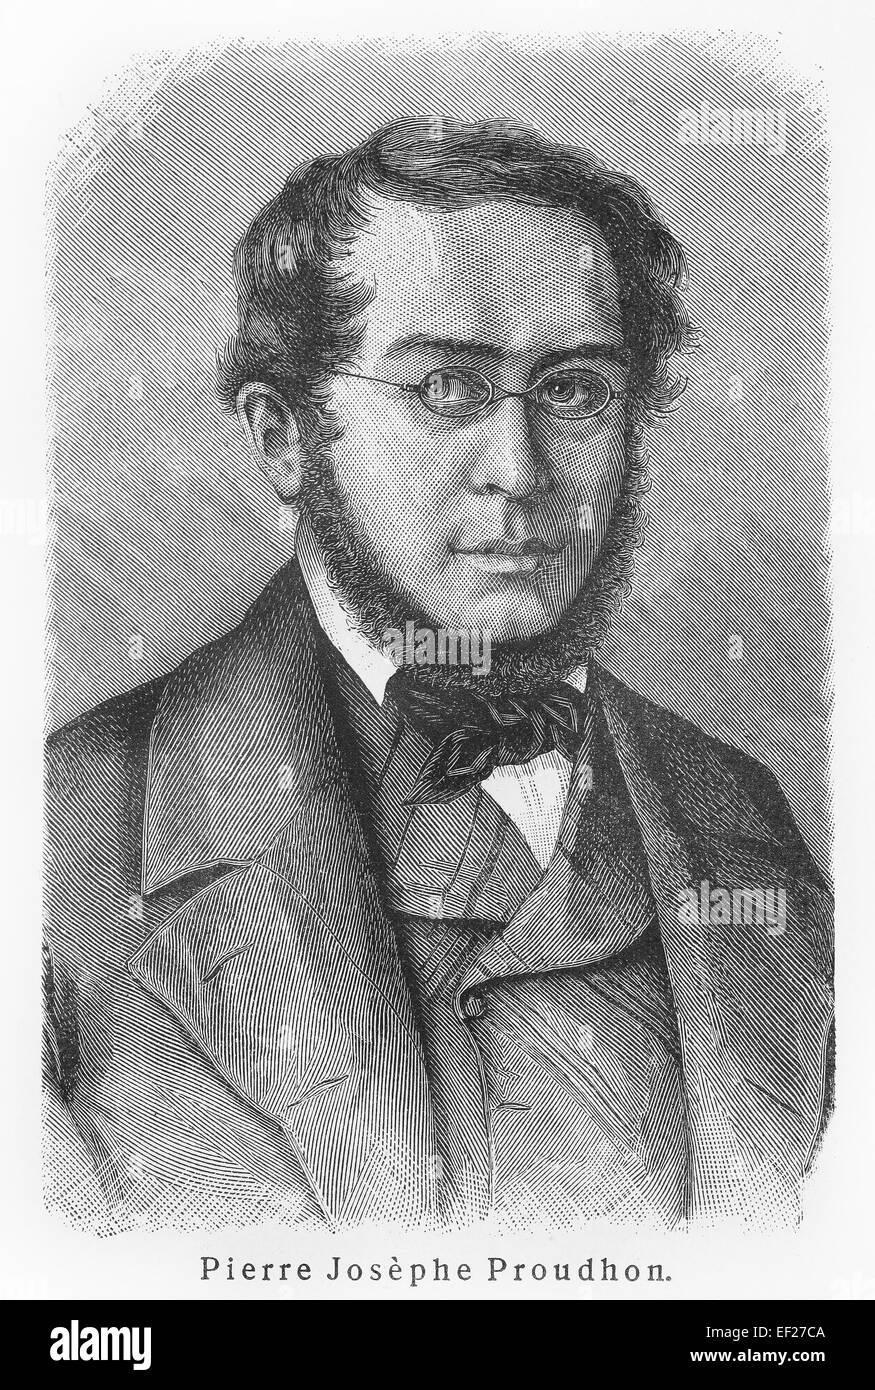 Pierre-Joseph Proudhon - Stock Image